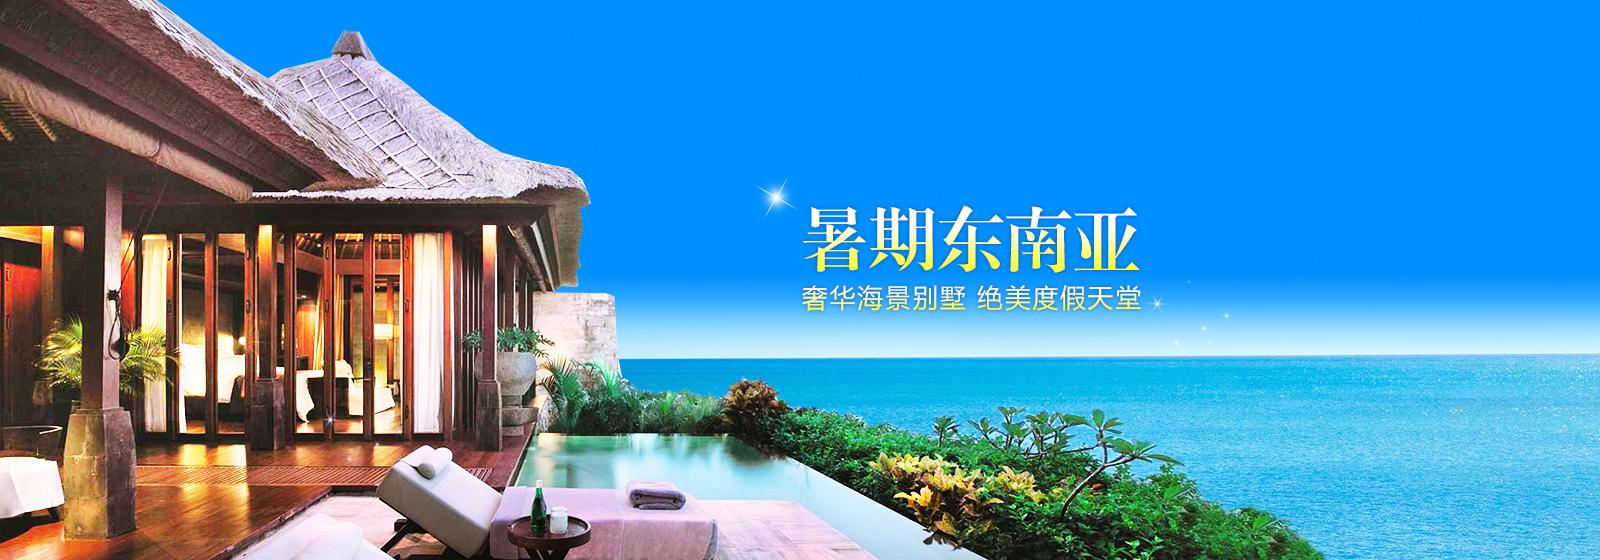 暑期东南亚_奢华海景别墅_绝美度假天堂